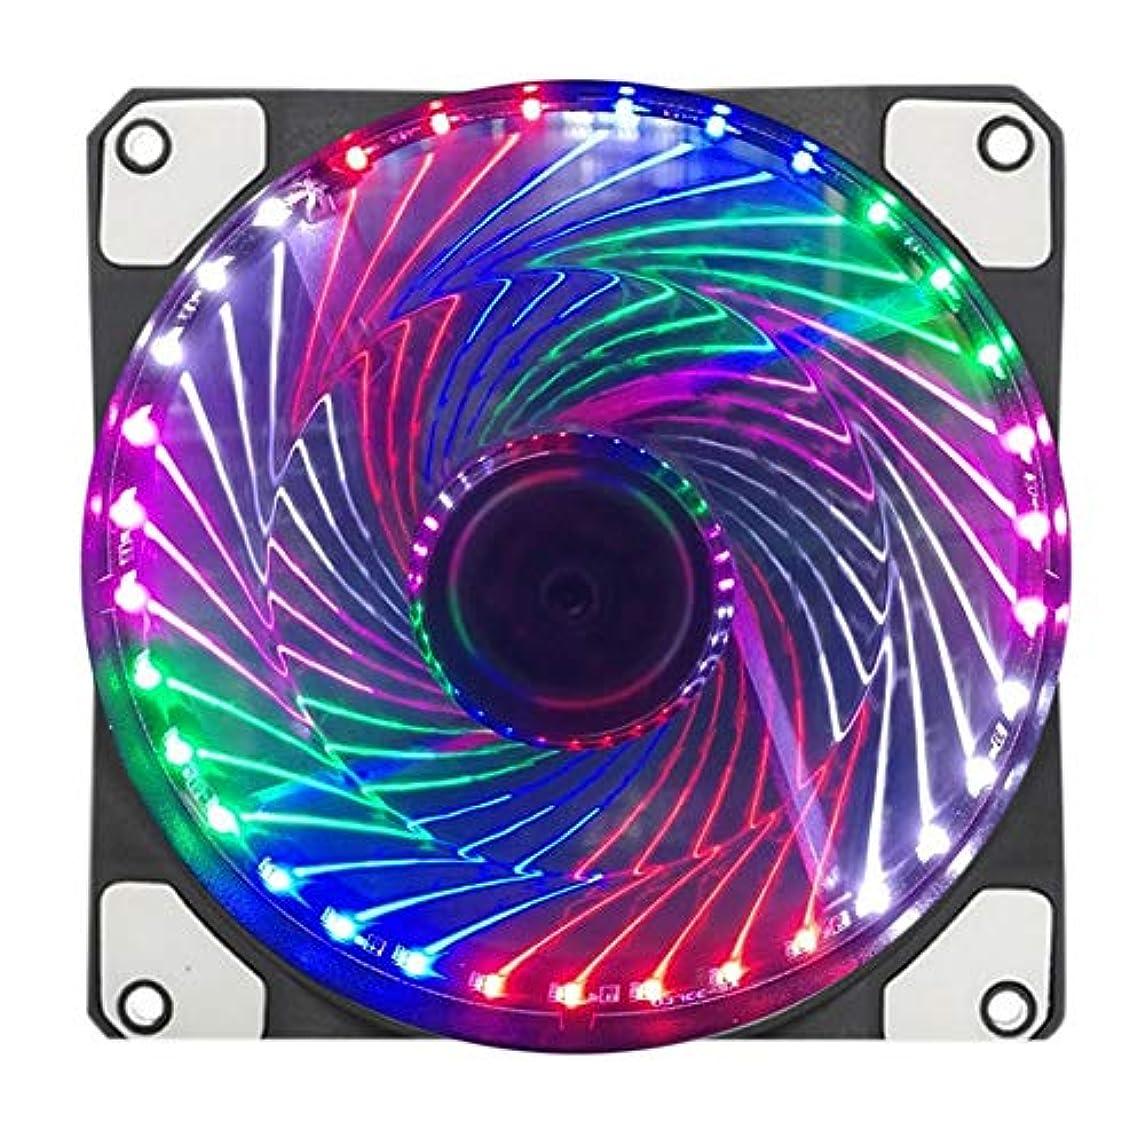 カレッジ無効壊すLOCKYOU 超静音PCケースファン 120mm 冷却ファン スーパーサイレント コンピュータLEDハイエアフロークーラーファン 1/2個